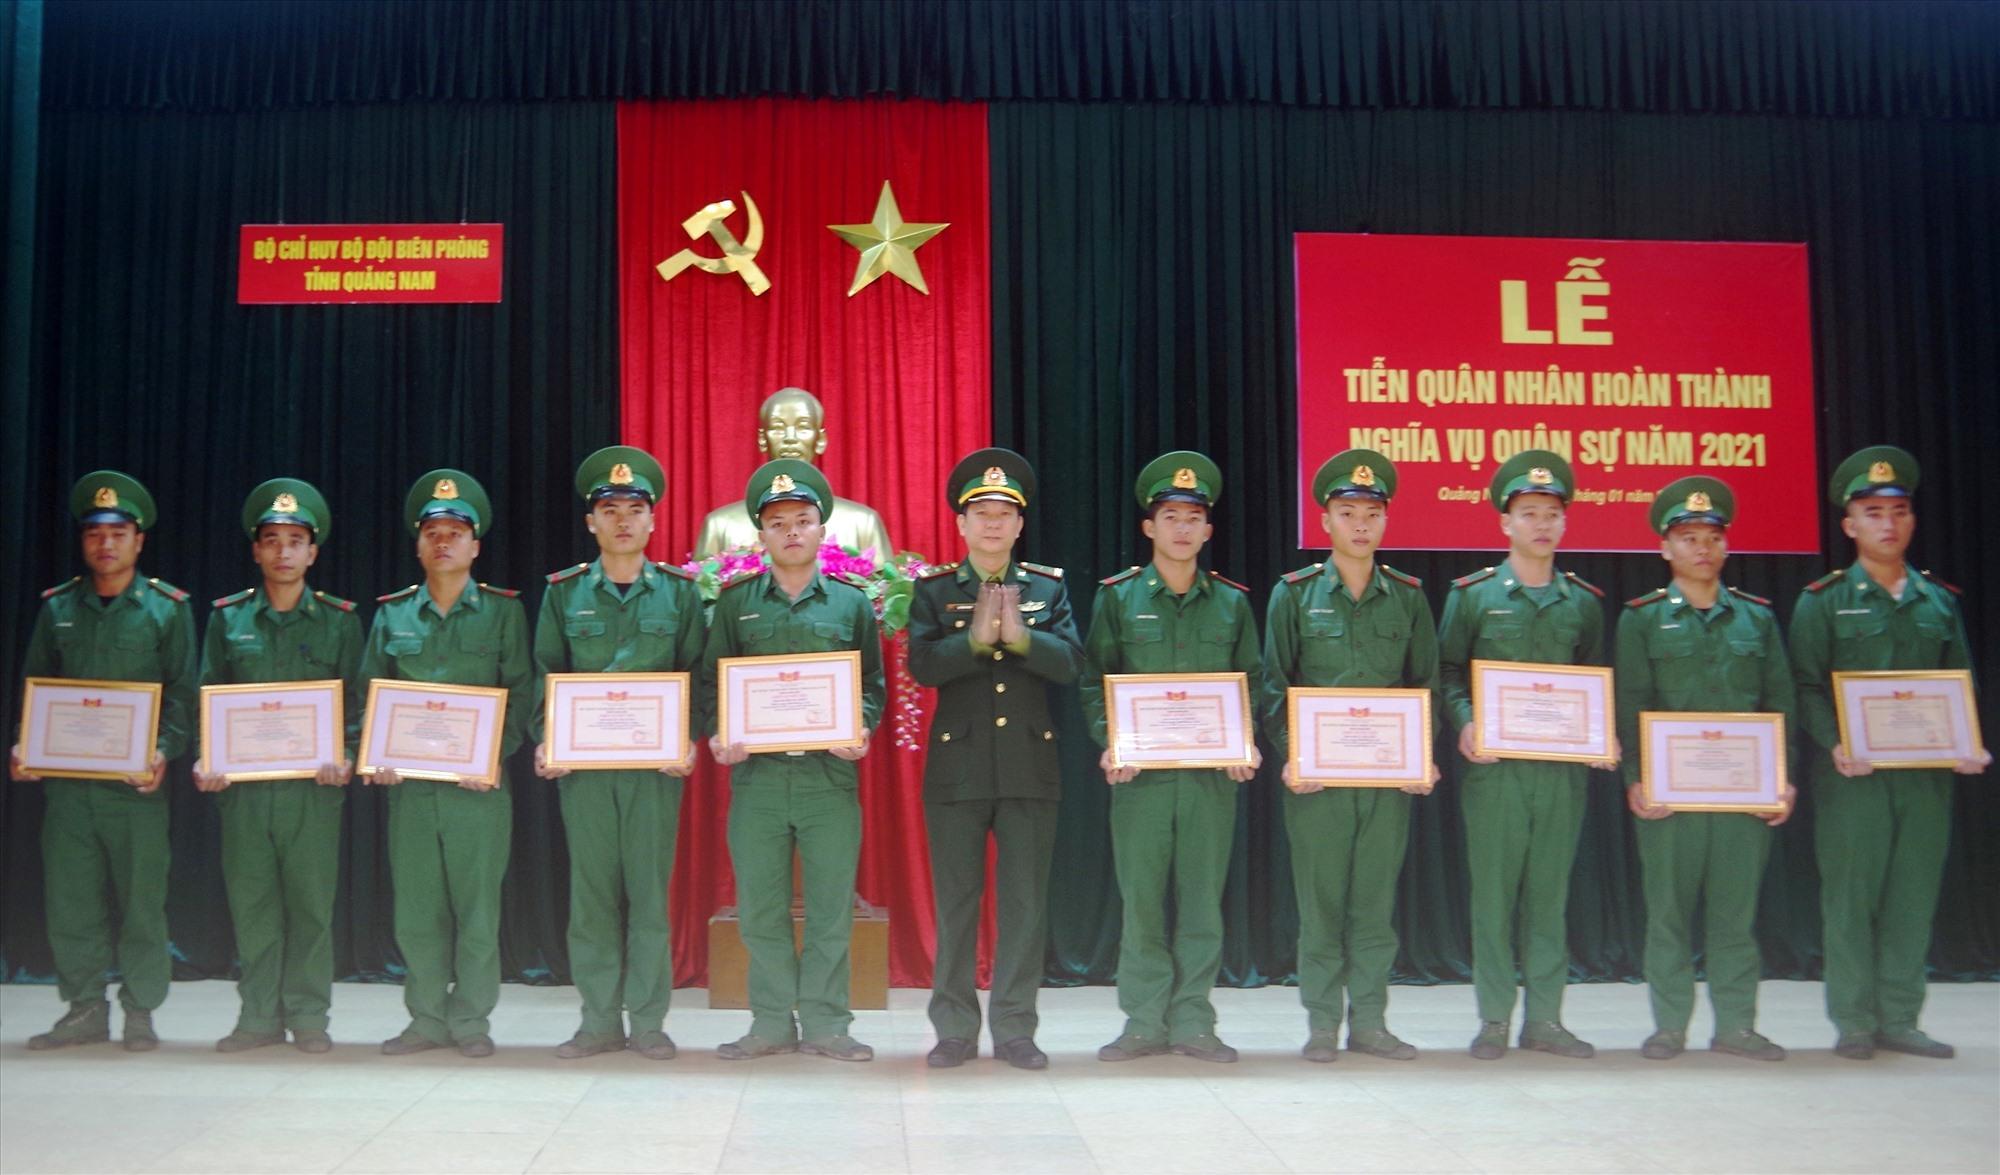 Thượng tá Chử Hồng Phong - Phó Chỉ huy trưởng, Bộ Chỉ huy BĐBP tỉnh Trao tặng giấy khen cho các chiến sĩ xuất ngũ năm 2021. Ảnh: Thái Tùng